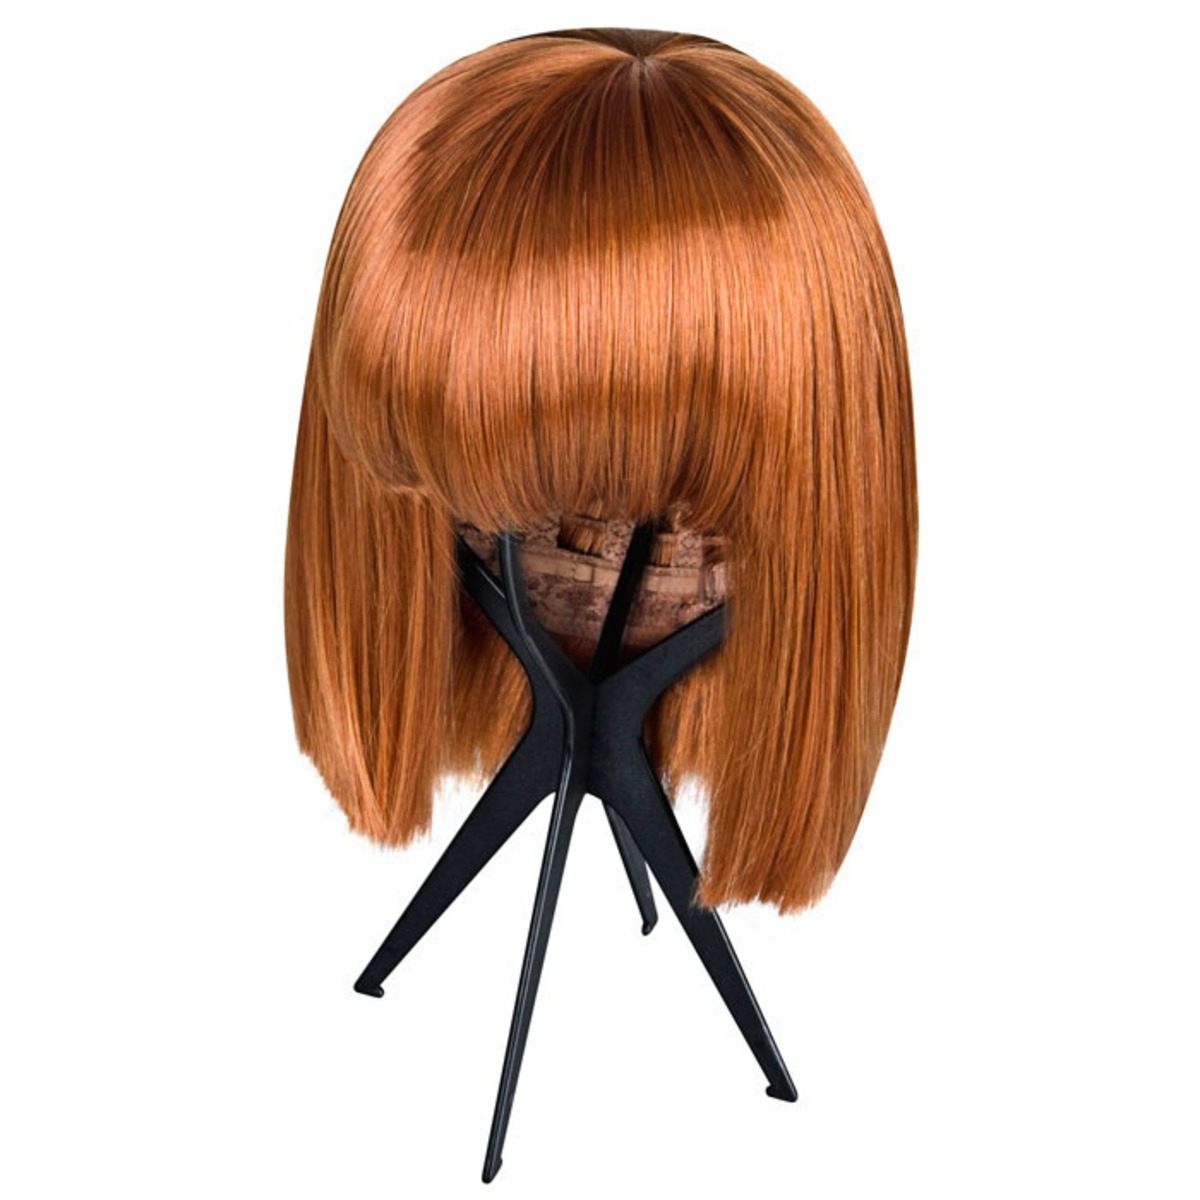 Складная подставка для парика от Erotic Fantasy